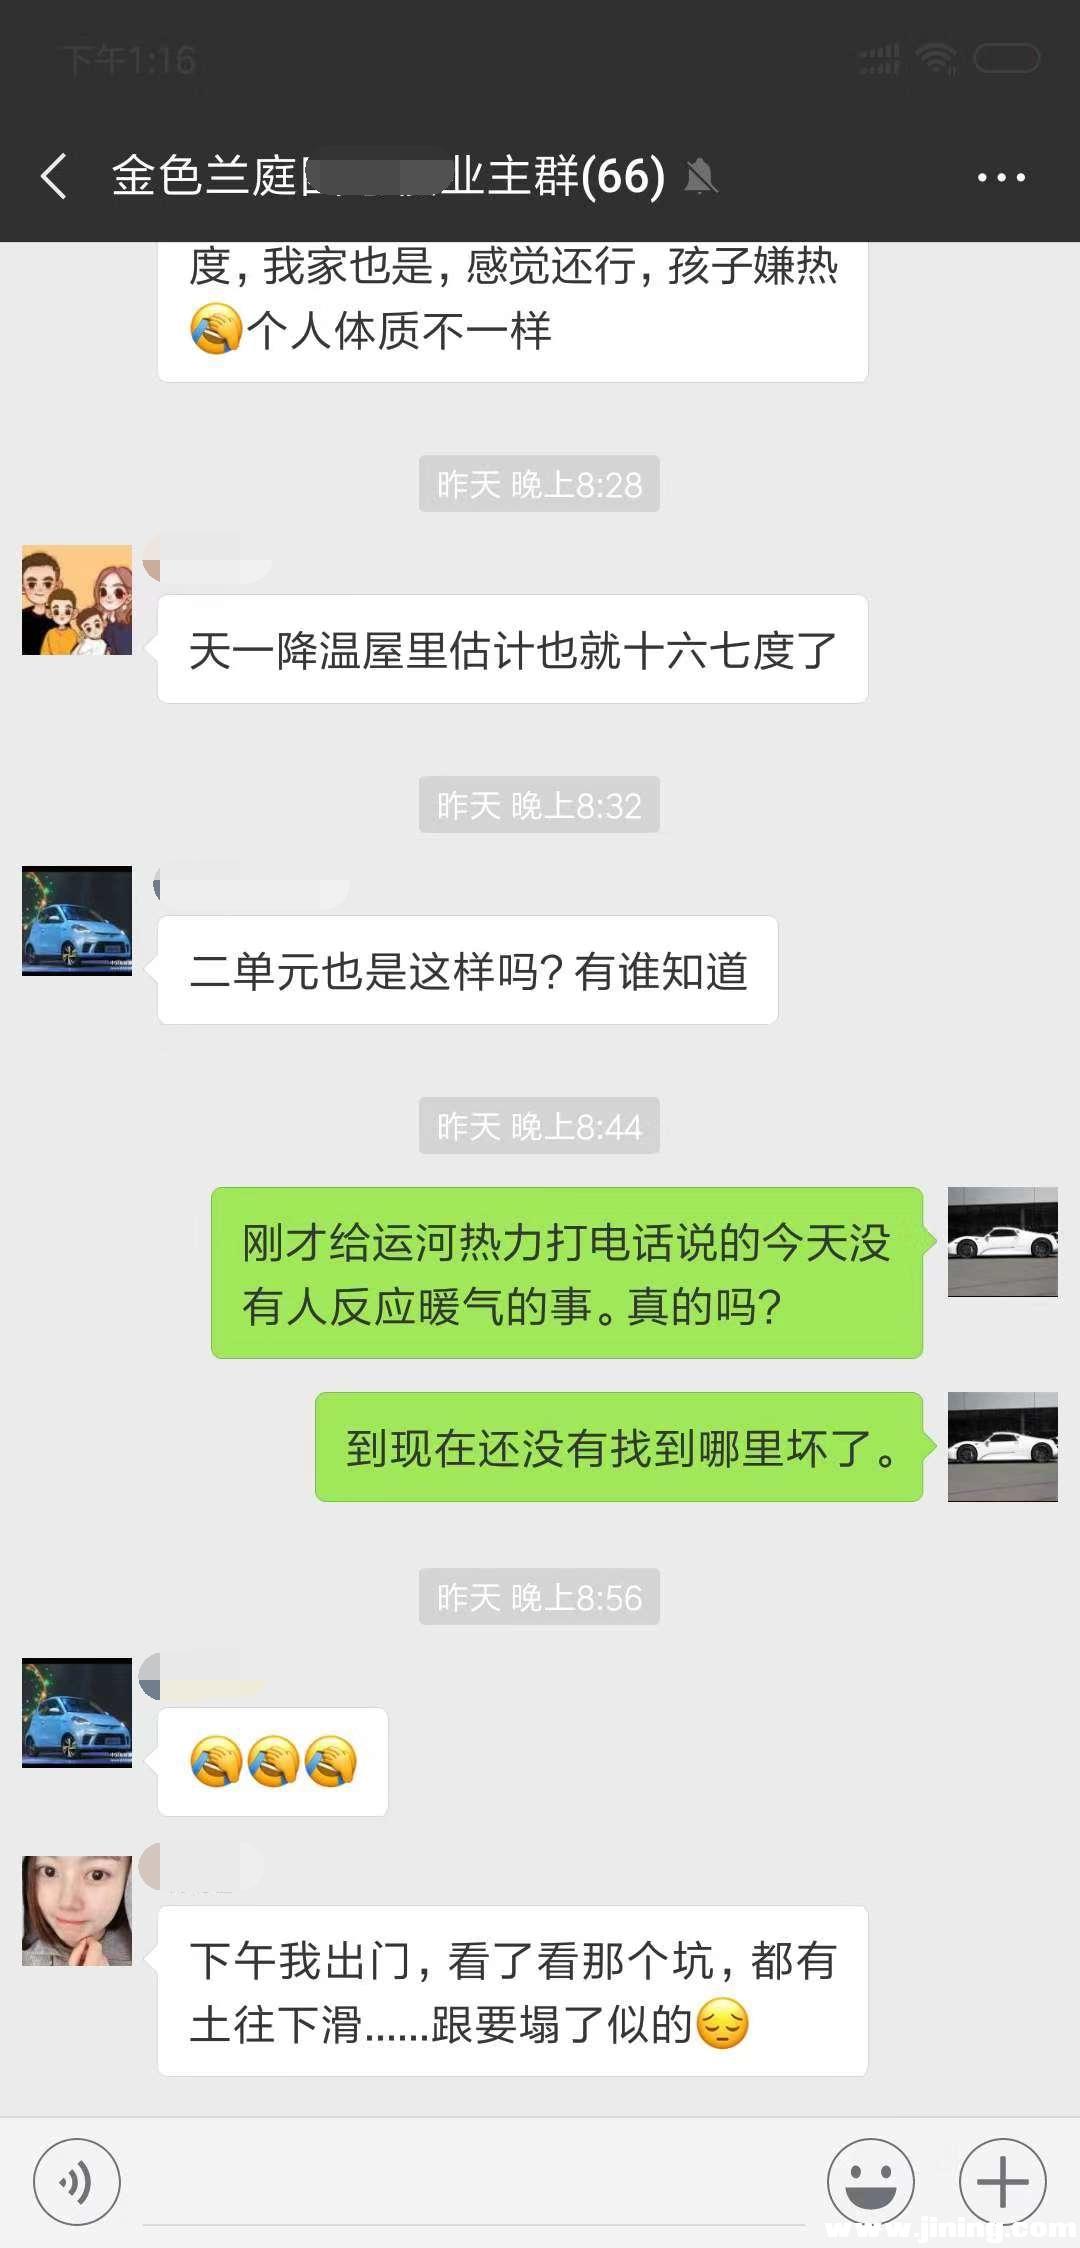 12.21 6_看图王.jpg